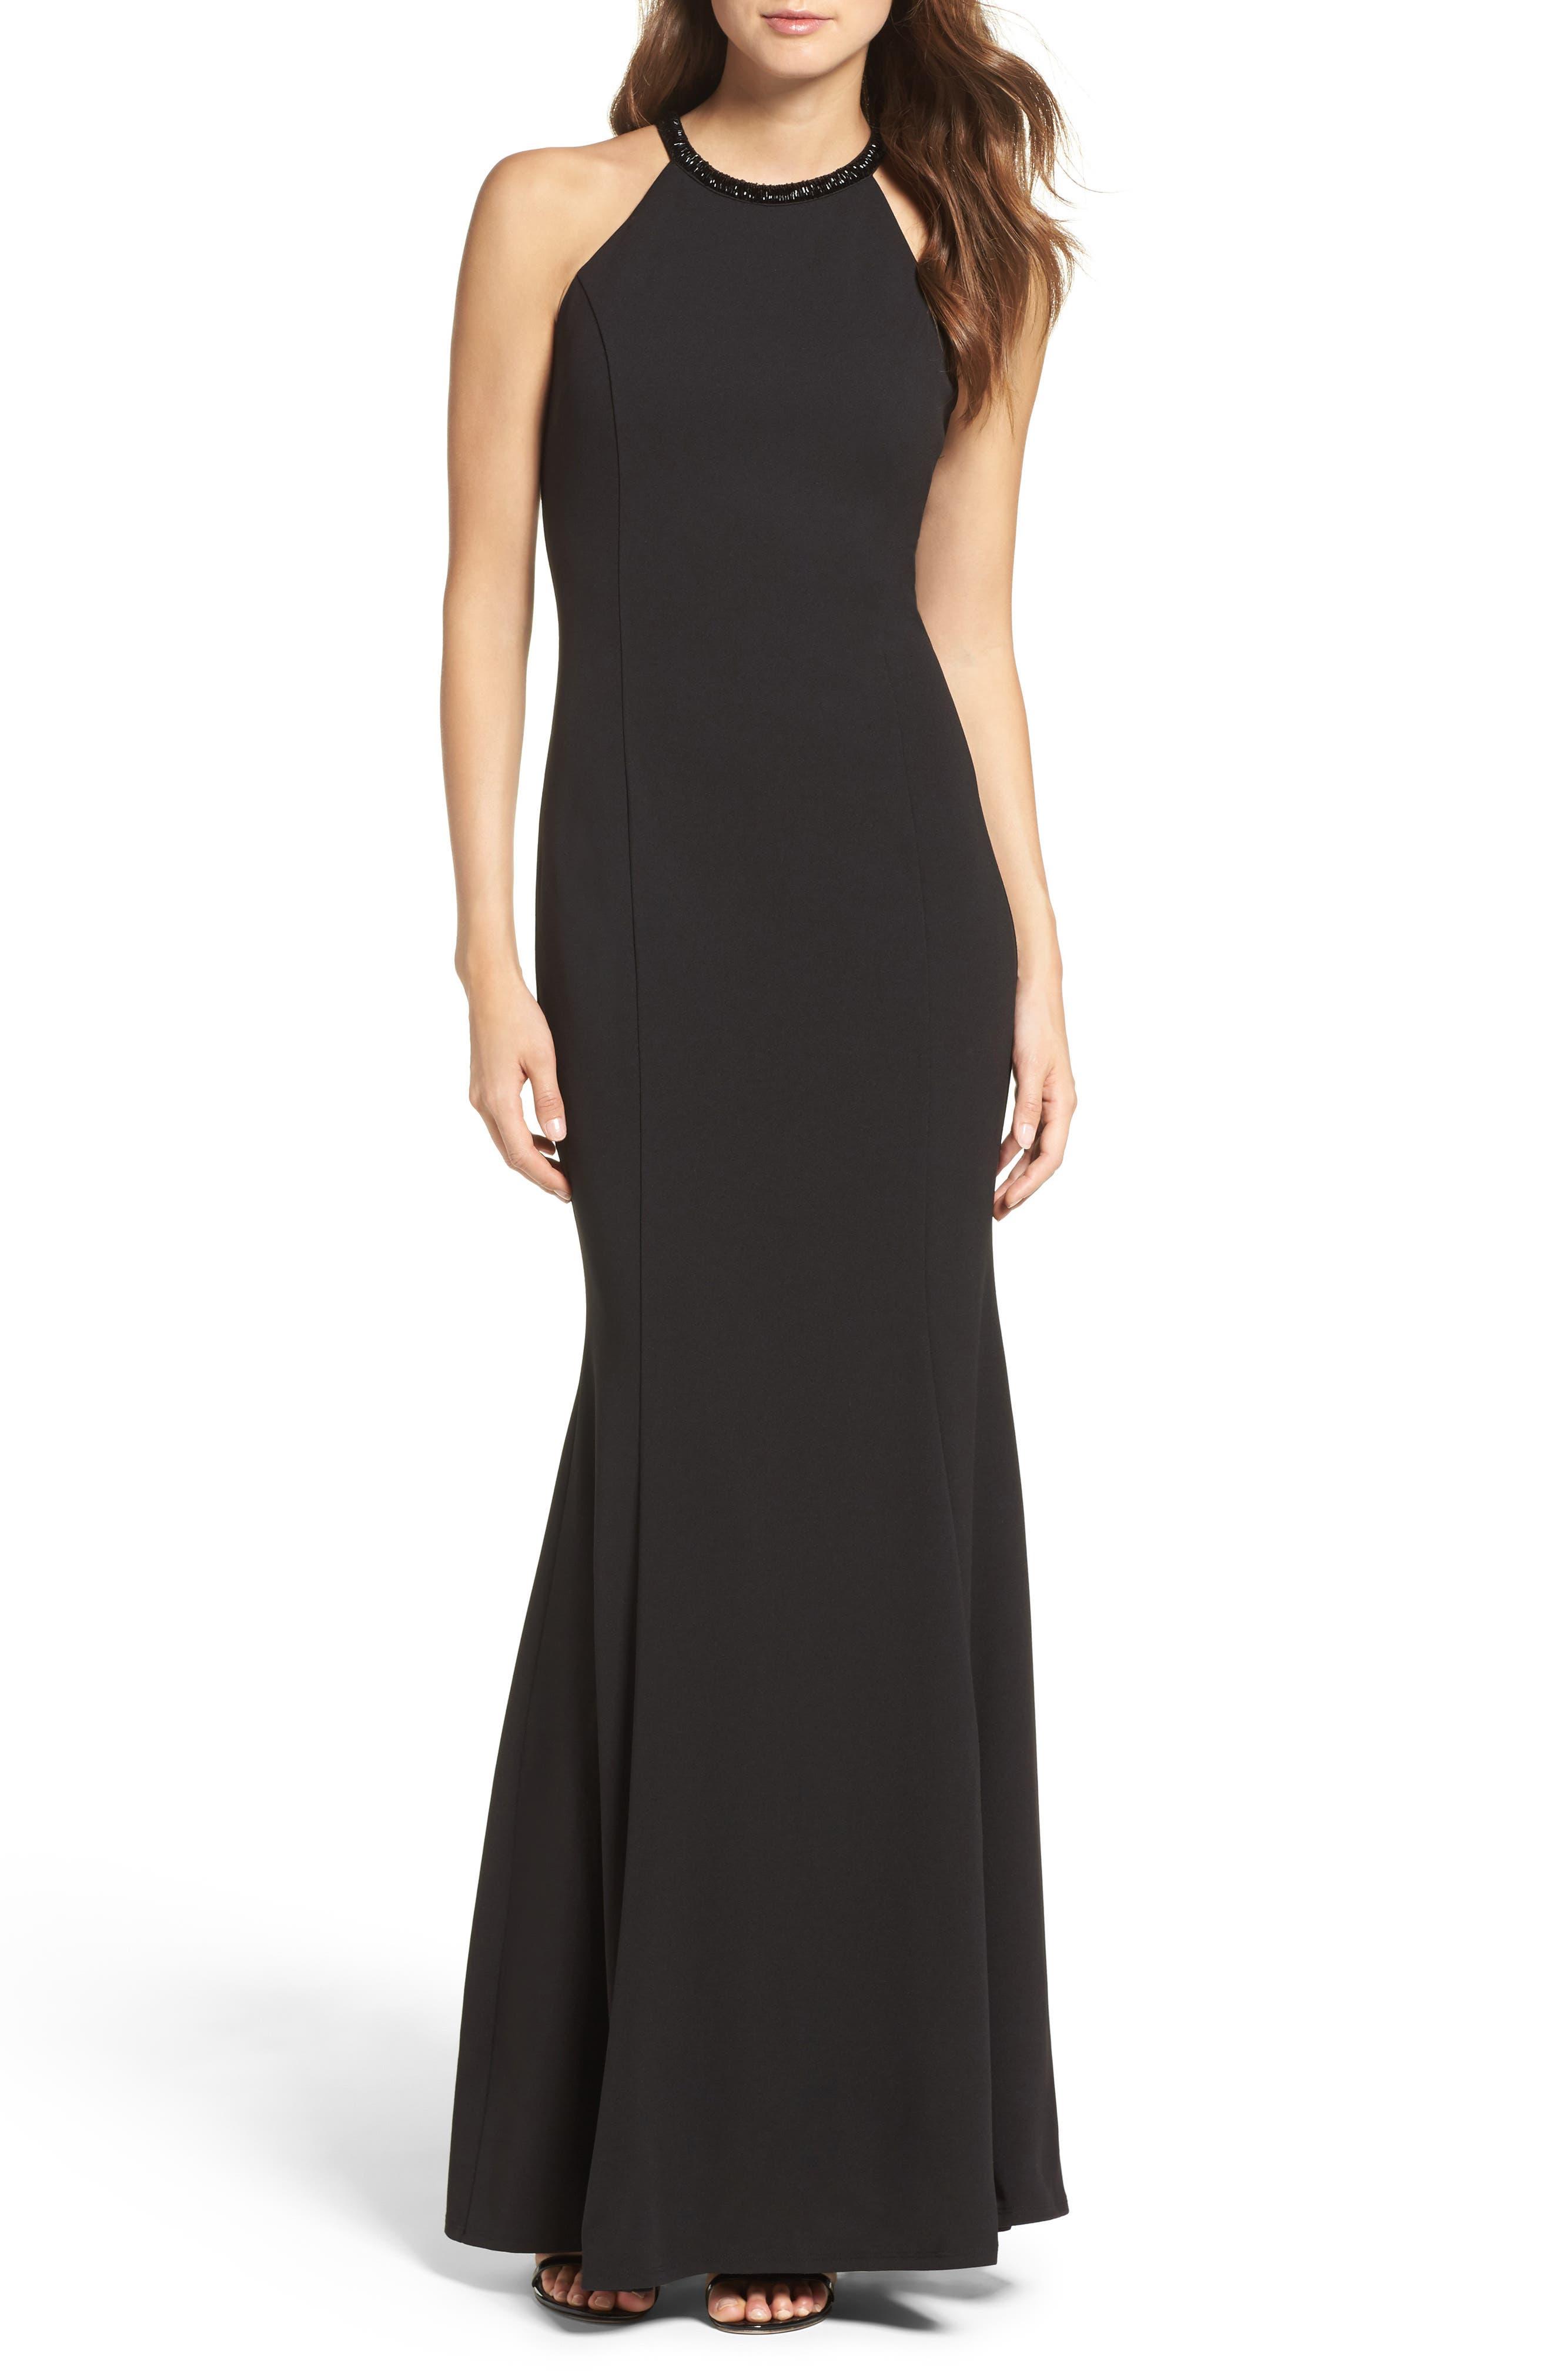 LULUS Bead Neck Mermaid Gown, Main, color, BLACK